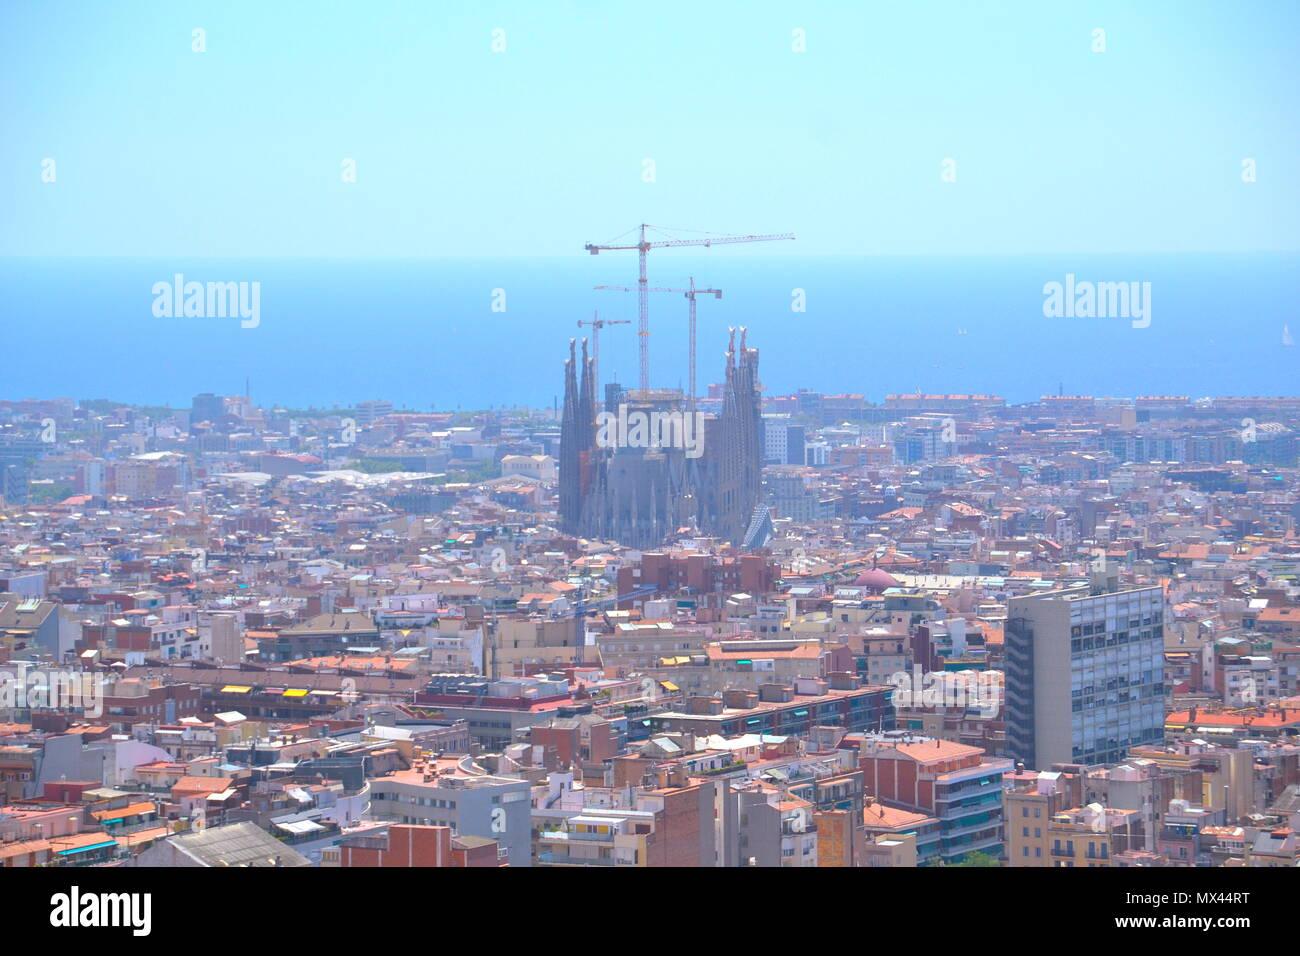 Vista de la ciudad de Barcelona resaltando la Basílica de la Sagrada Familia desde lo alto del Parque Gueil - Stock Image